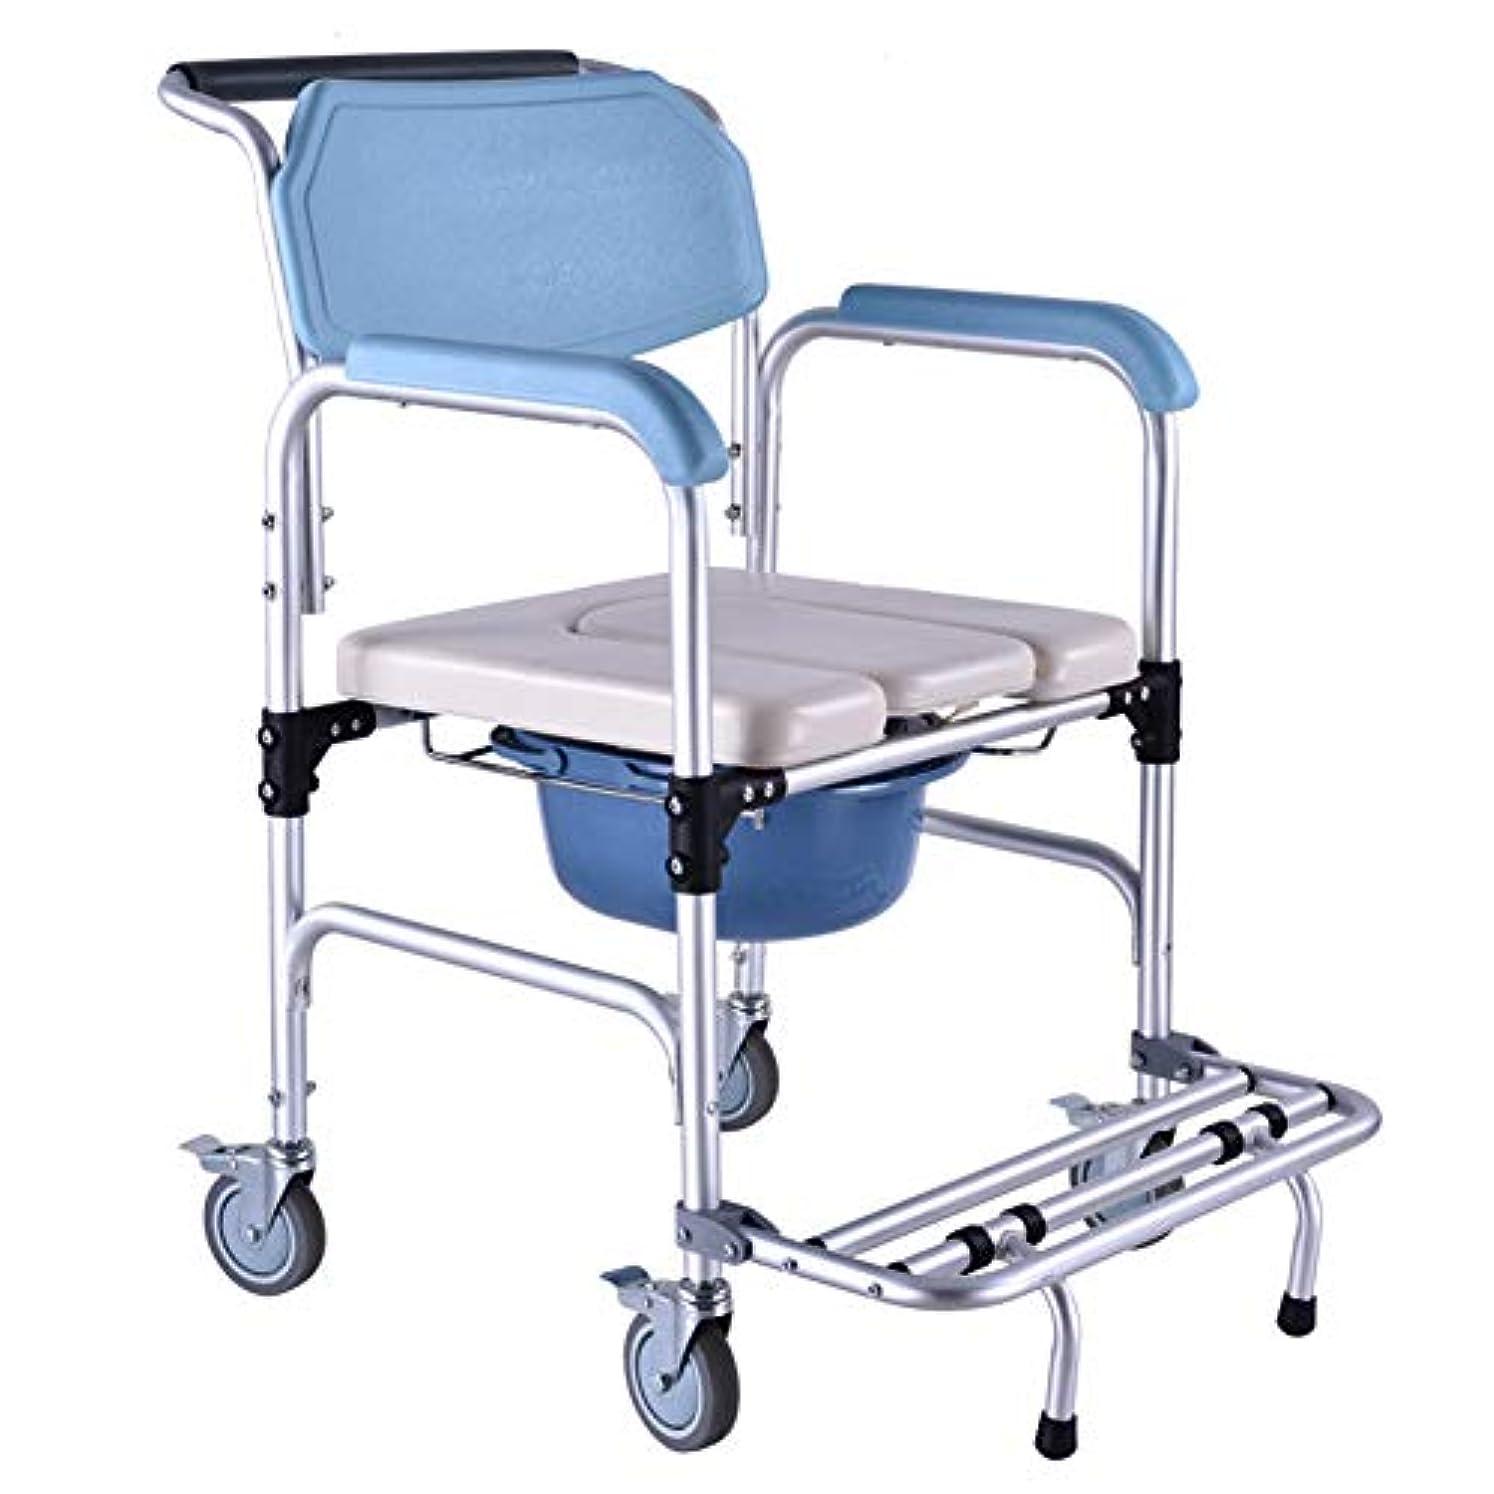 誠実さ発生夏入浴用車いす 椅子 アルミ製 折り畳み式 軽量シャワーチェアー 便器 U型在宅介護 防止 転倒 キャスタ付き 組立簡単 ブレ-キ付き シャワーキャリー高齢者用